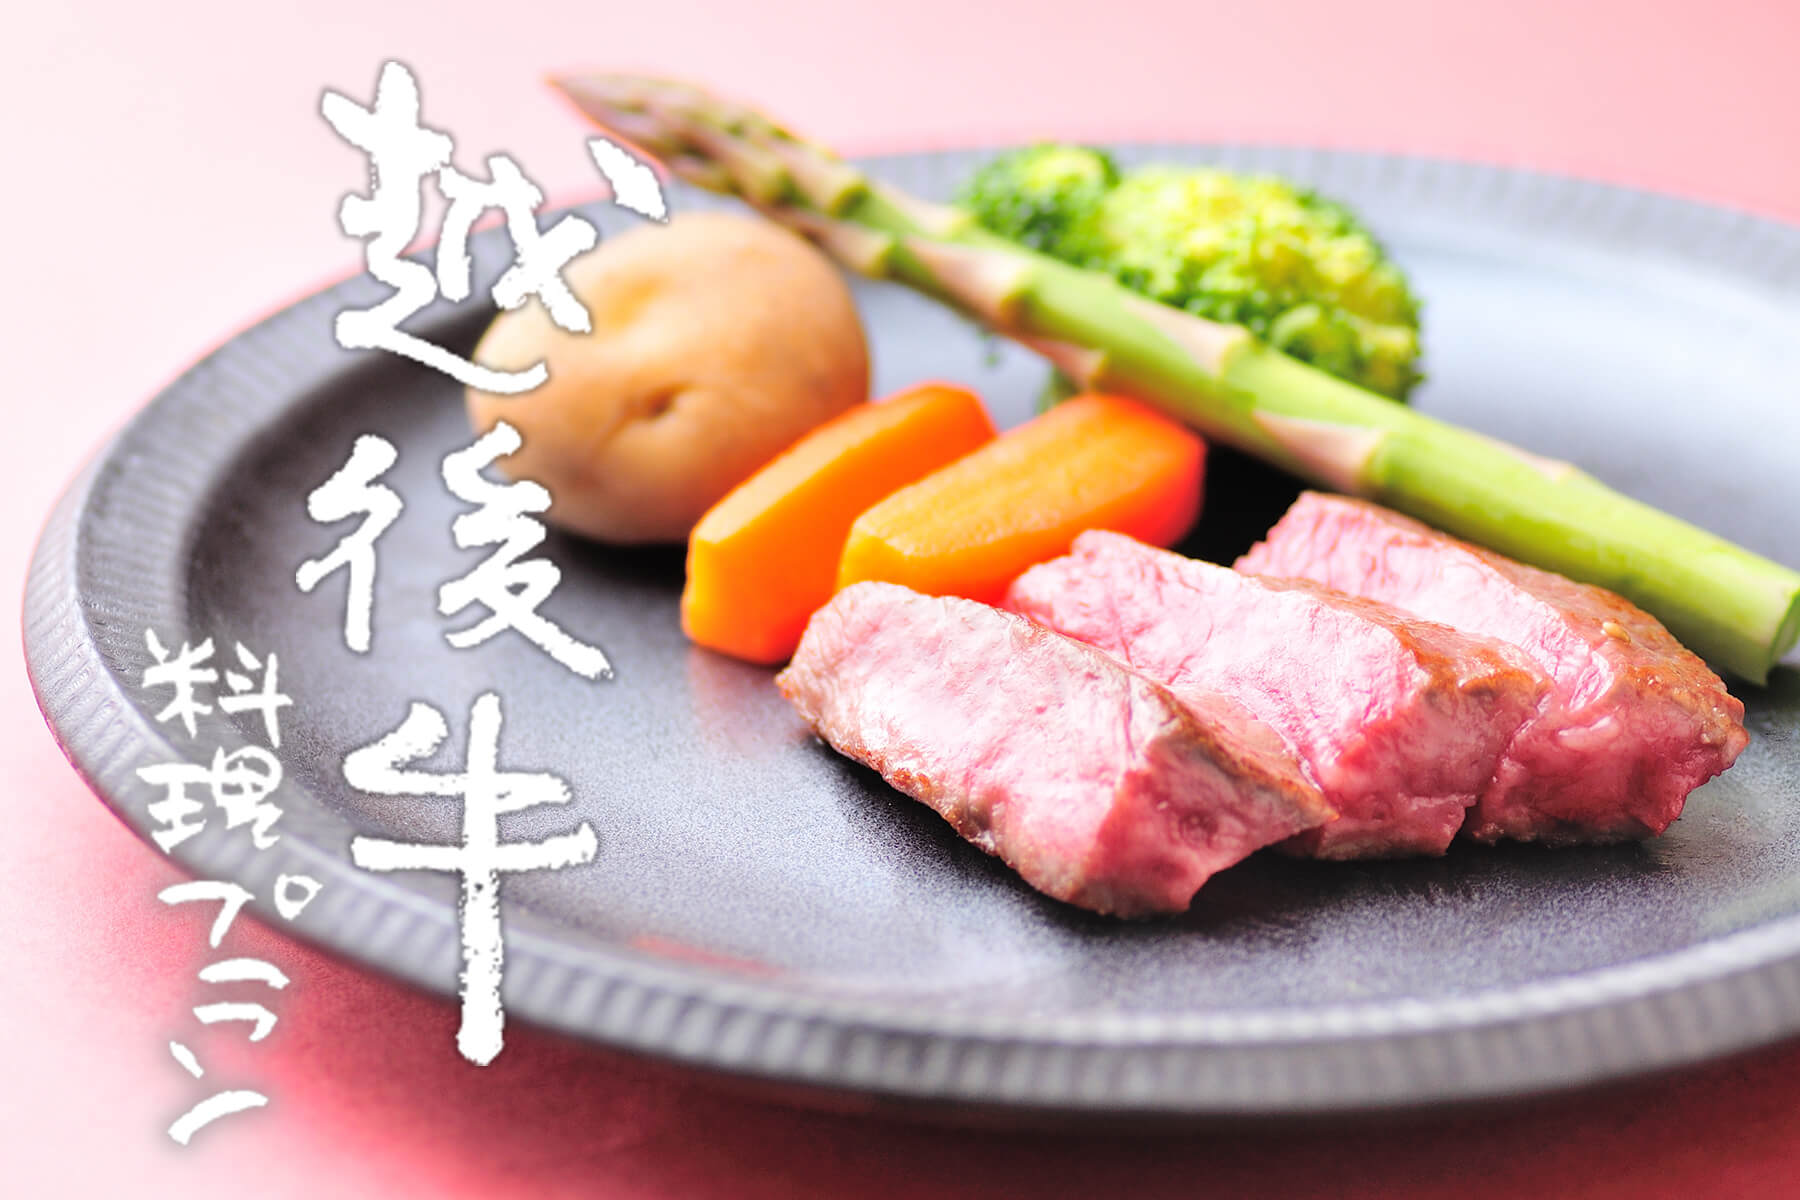 〈越後牛プラン 2021春 〉地元ブランド牛の越後牛料理を堪能!